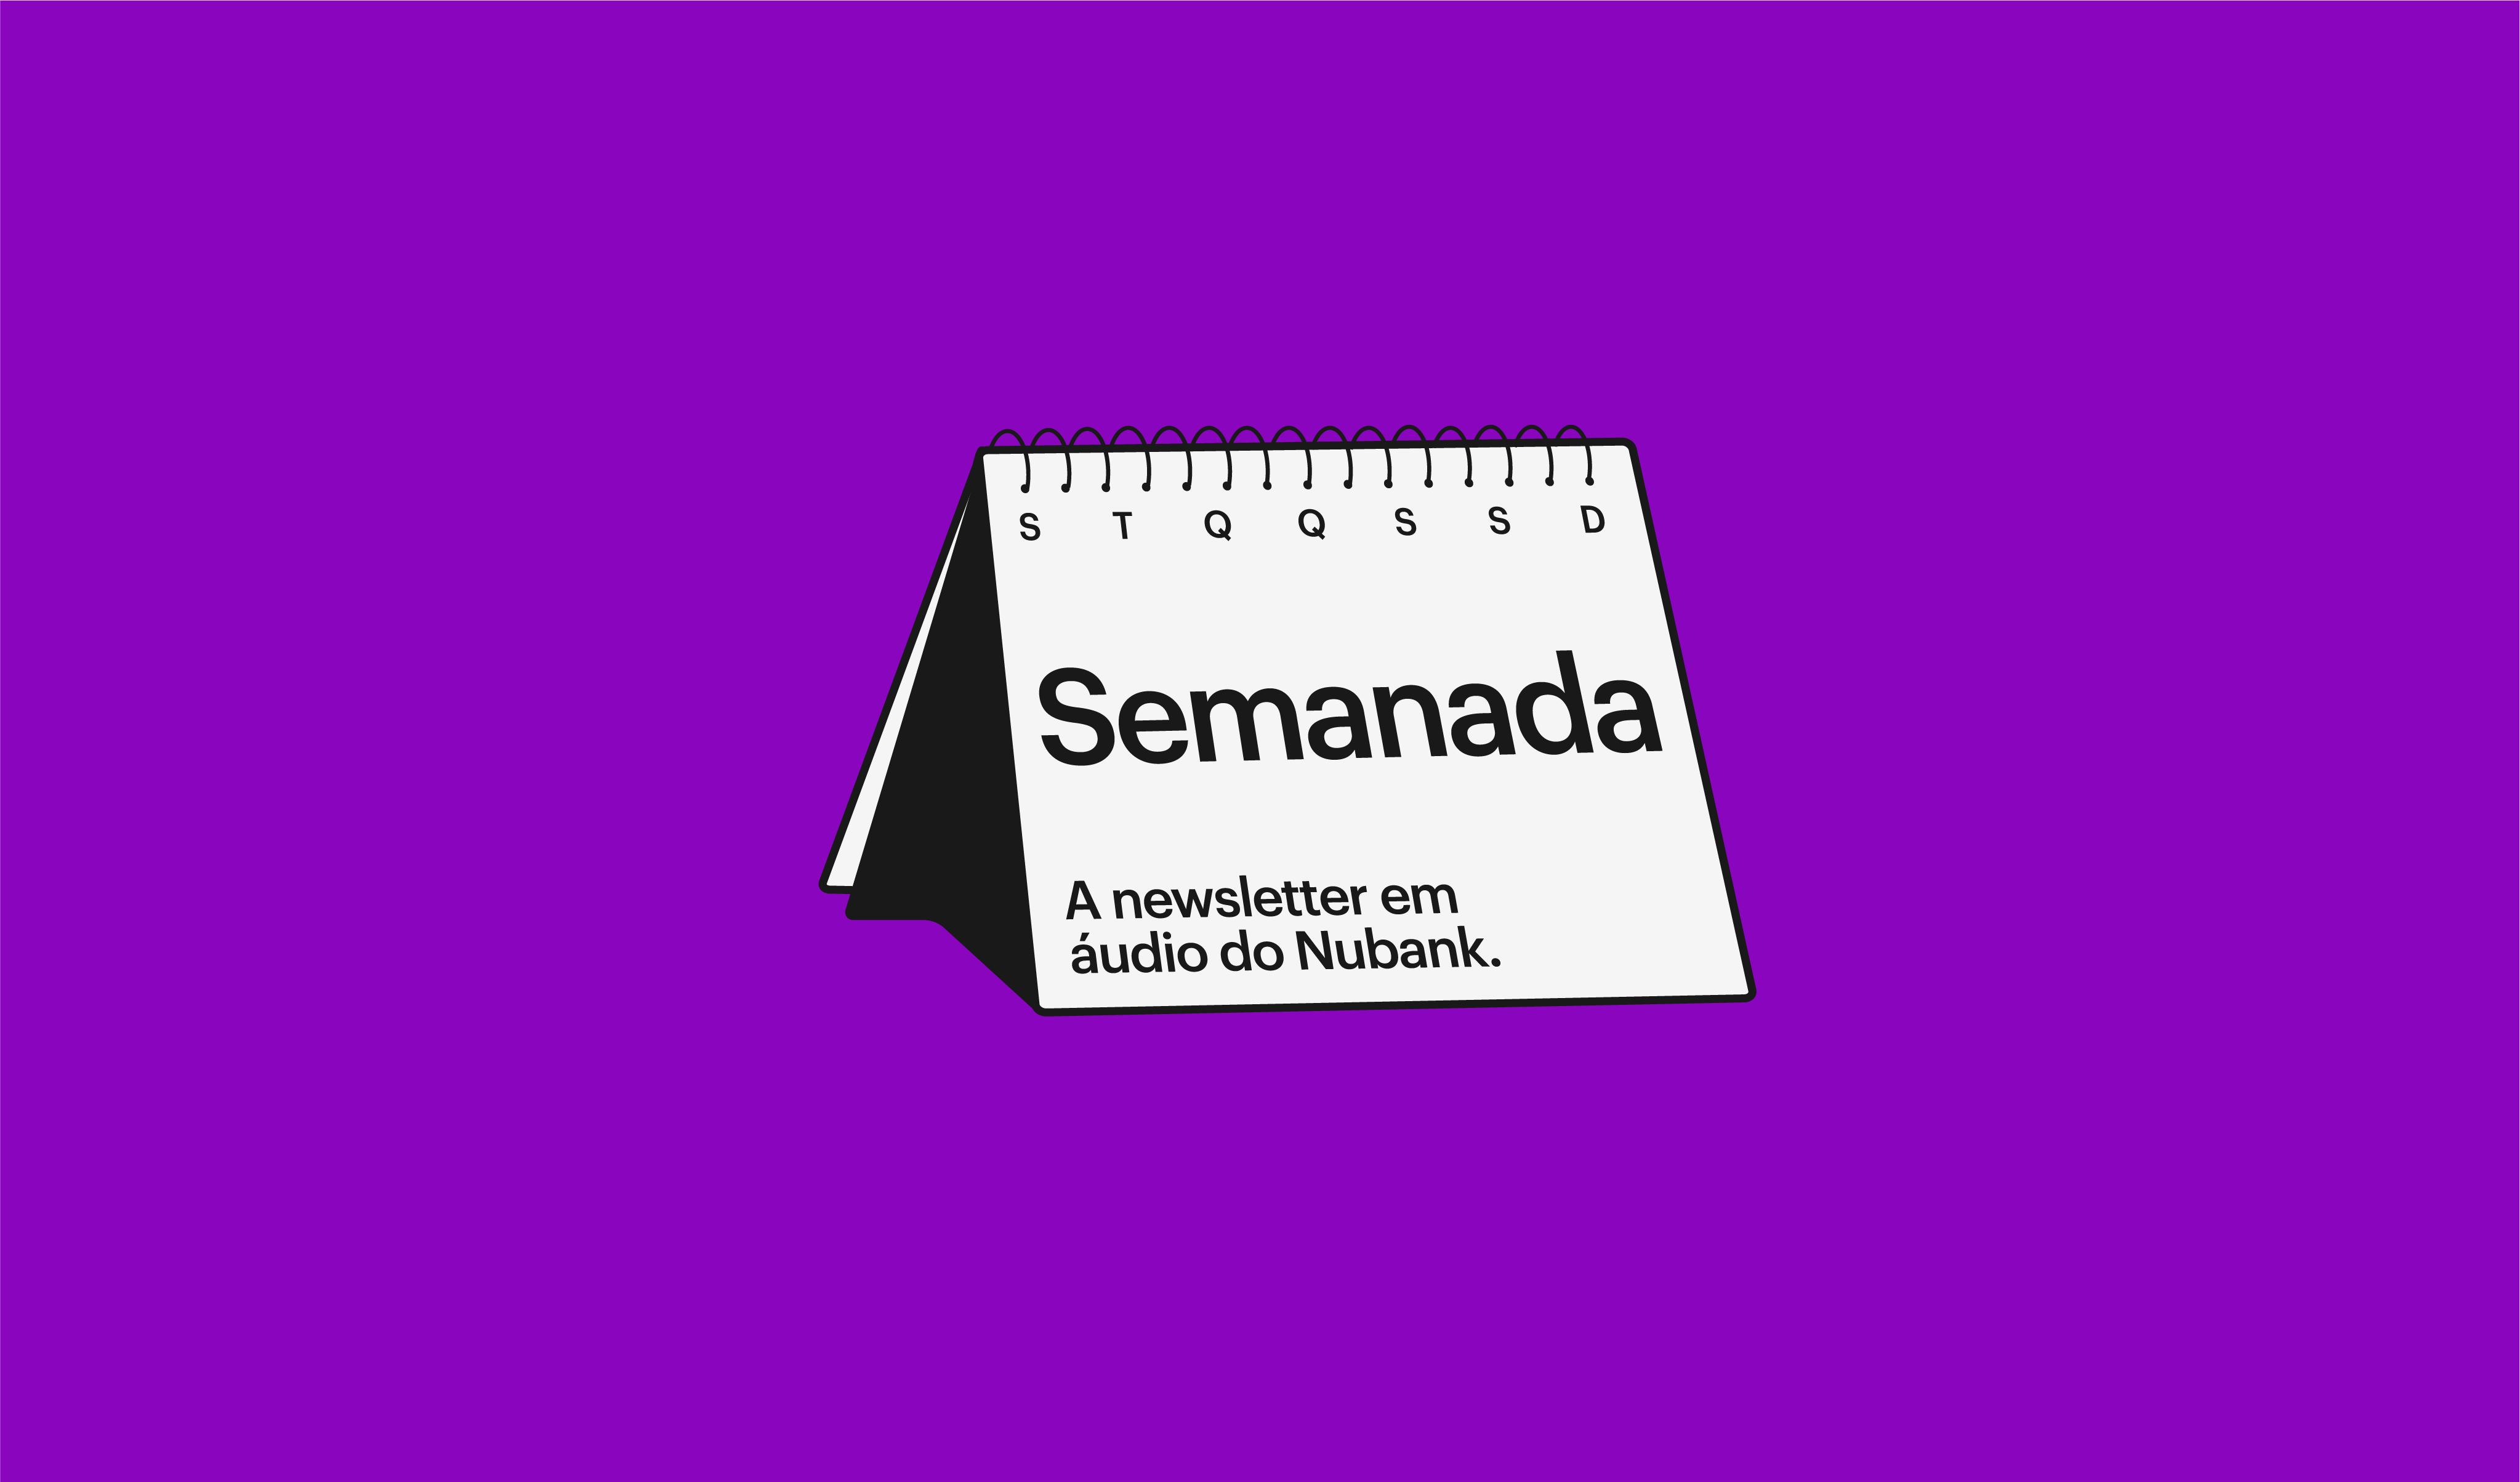 """Imagem de fundo roxo com um calendário de mesa branco no centro. Dentro do calendário está escrito, em preto, """"Semanada - a newsletter em áudio do Nubank""""."""